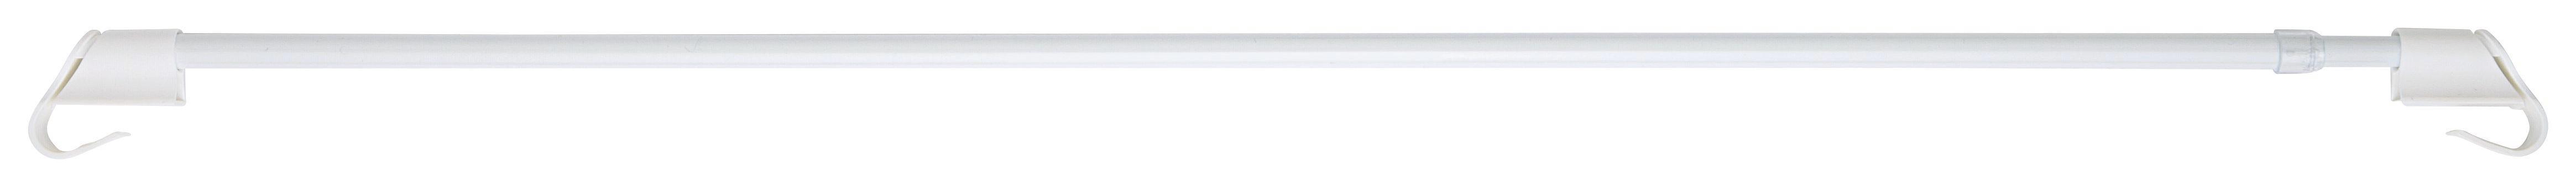 Klemmstange Connect in Weiß, ca. 85-135cm - Weiß, Kunststoff/Metall (85-135cm) - MÖMAX modern living